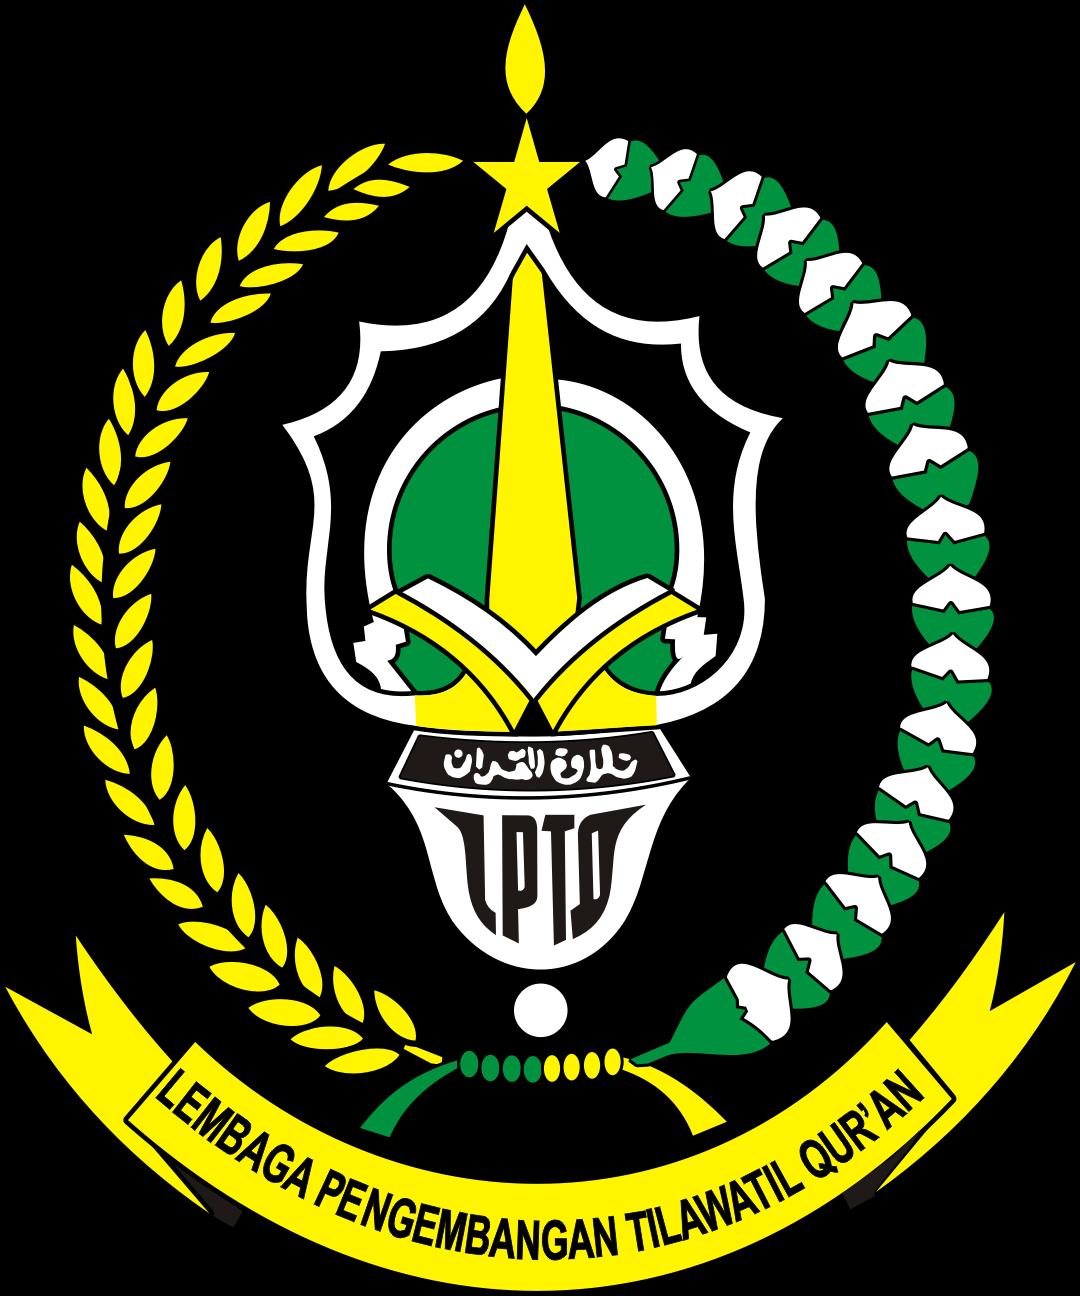 Logo Lptq Png : Lembaga, Pengembangan, Tilawatil, Quran, Madi's